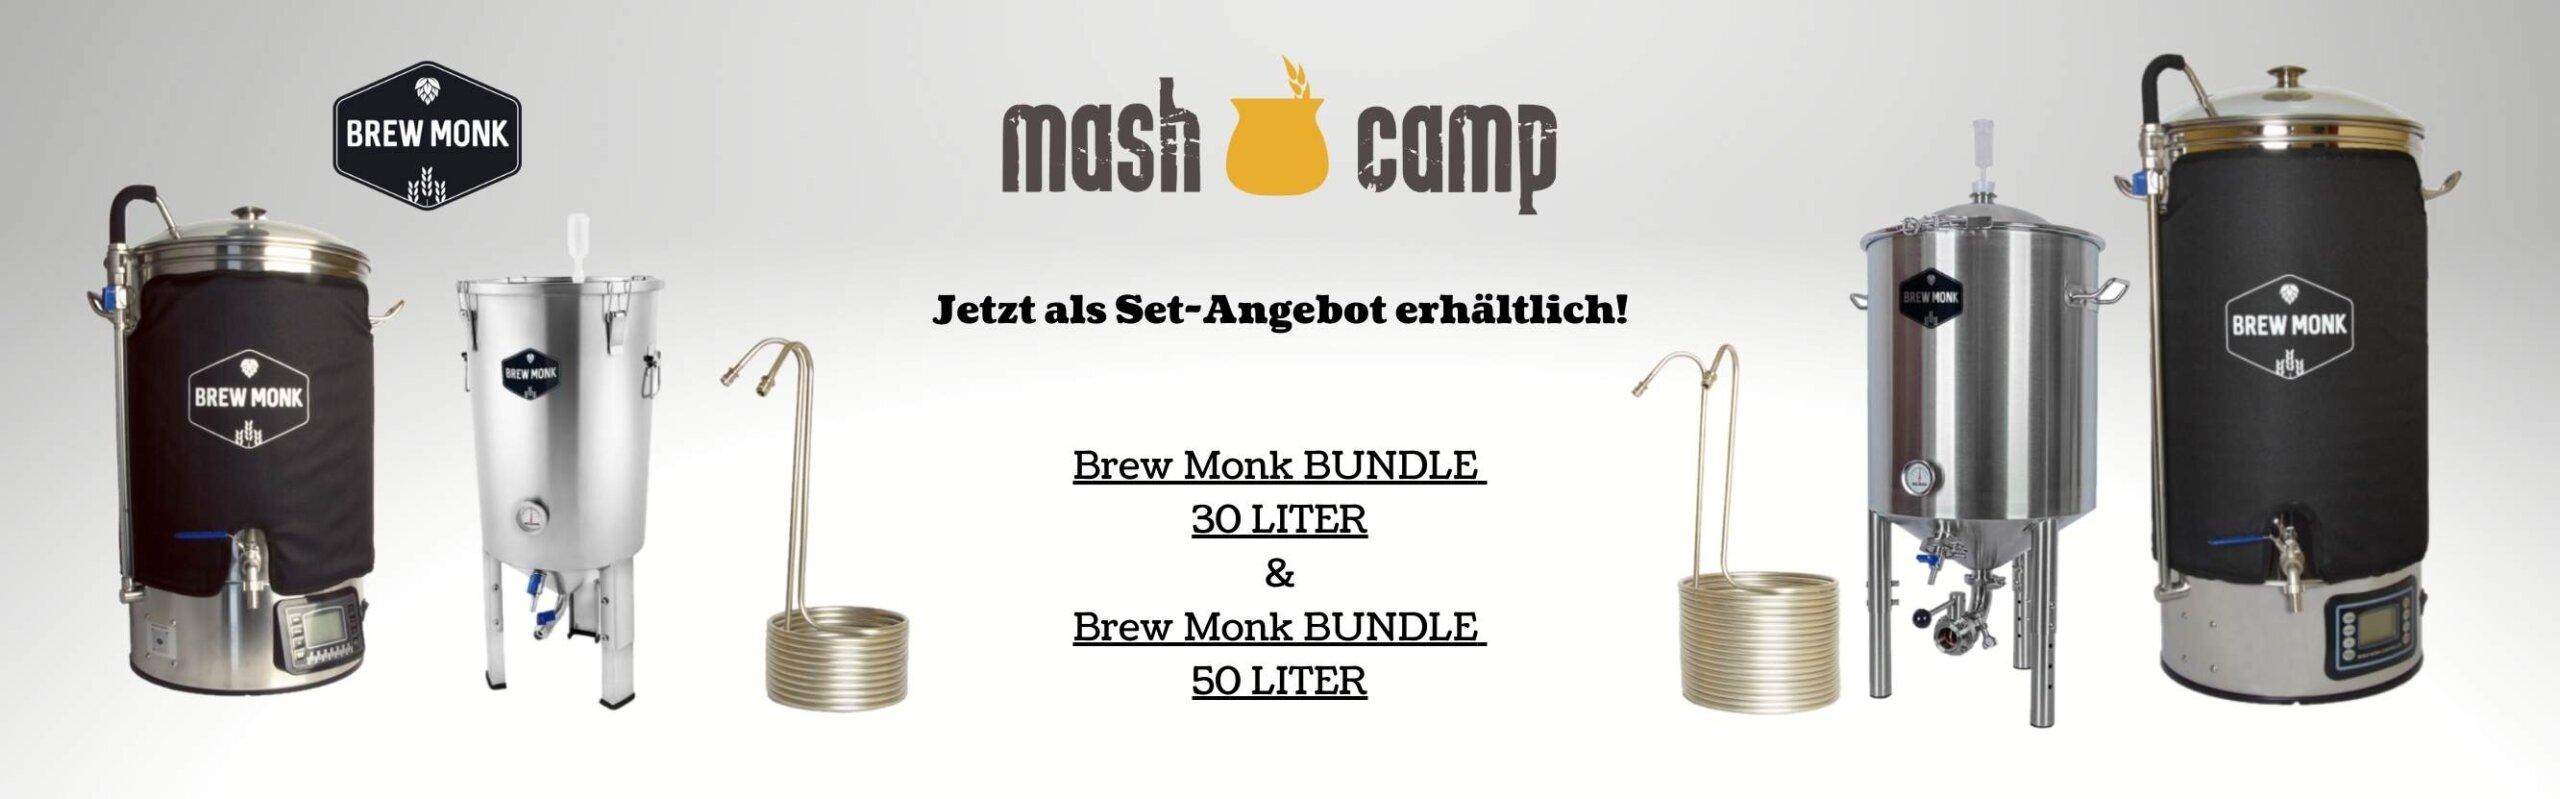 Brew Monk Bundle